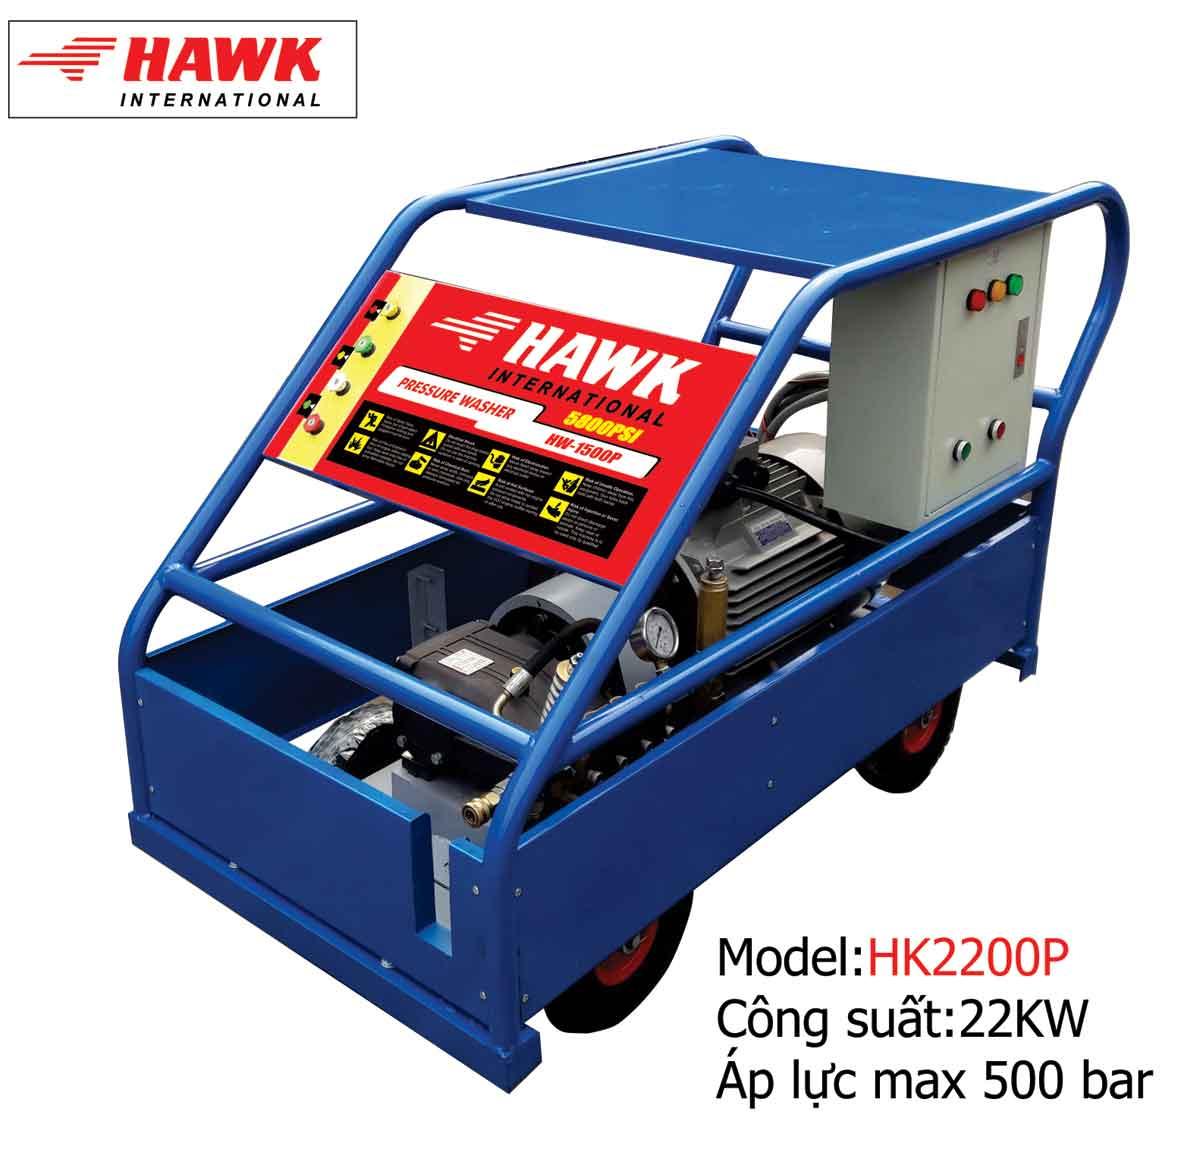 Máy phun rửa công nghiệp 22KW, máy rửa siêu áp 400bar -500bar